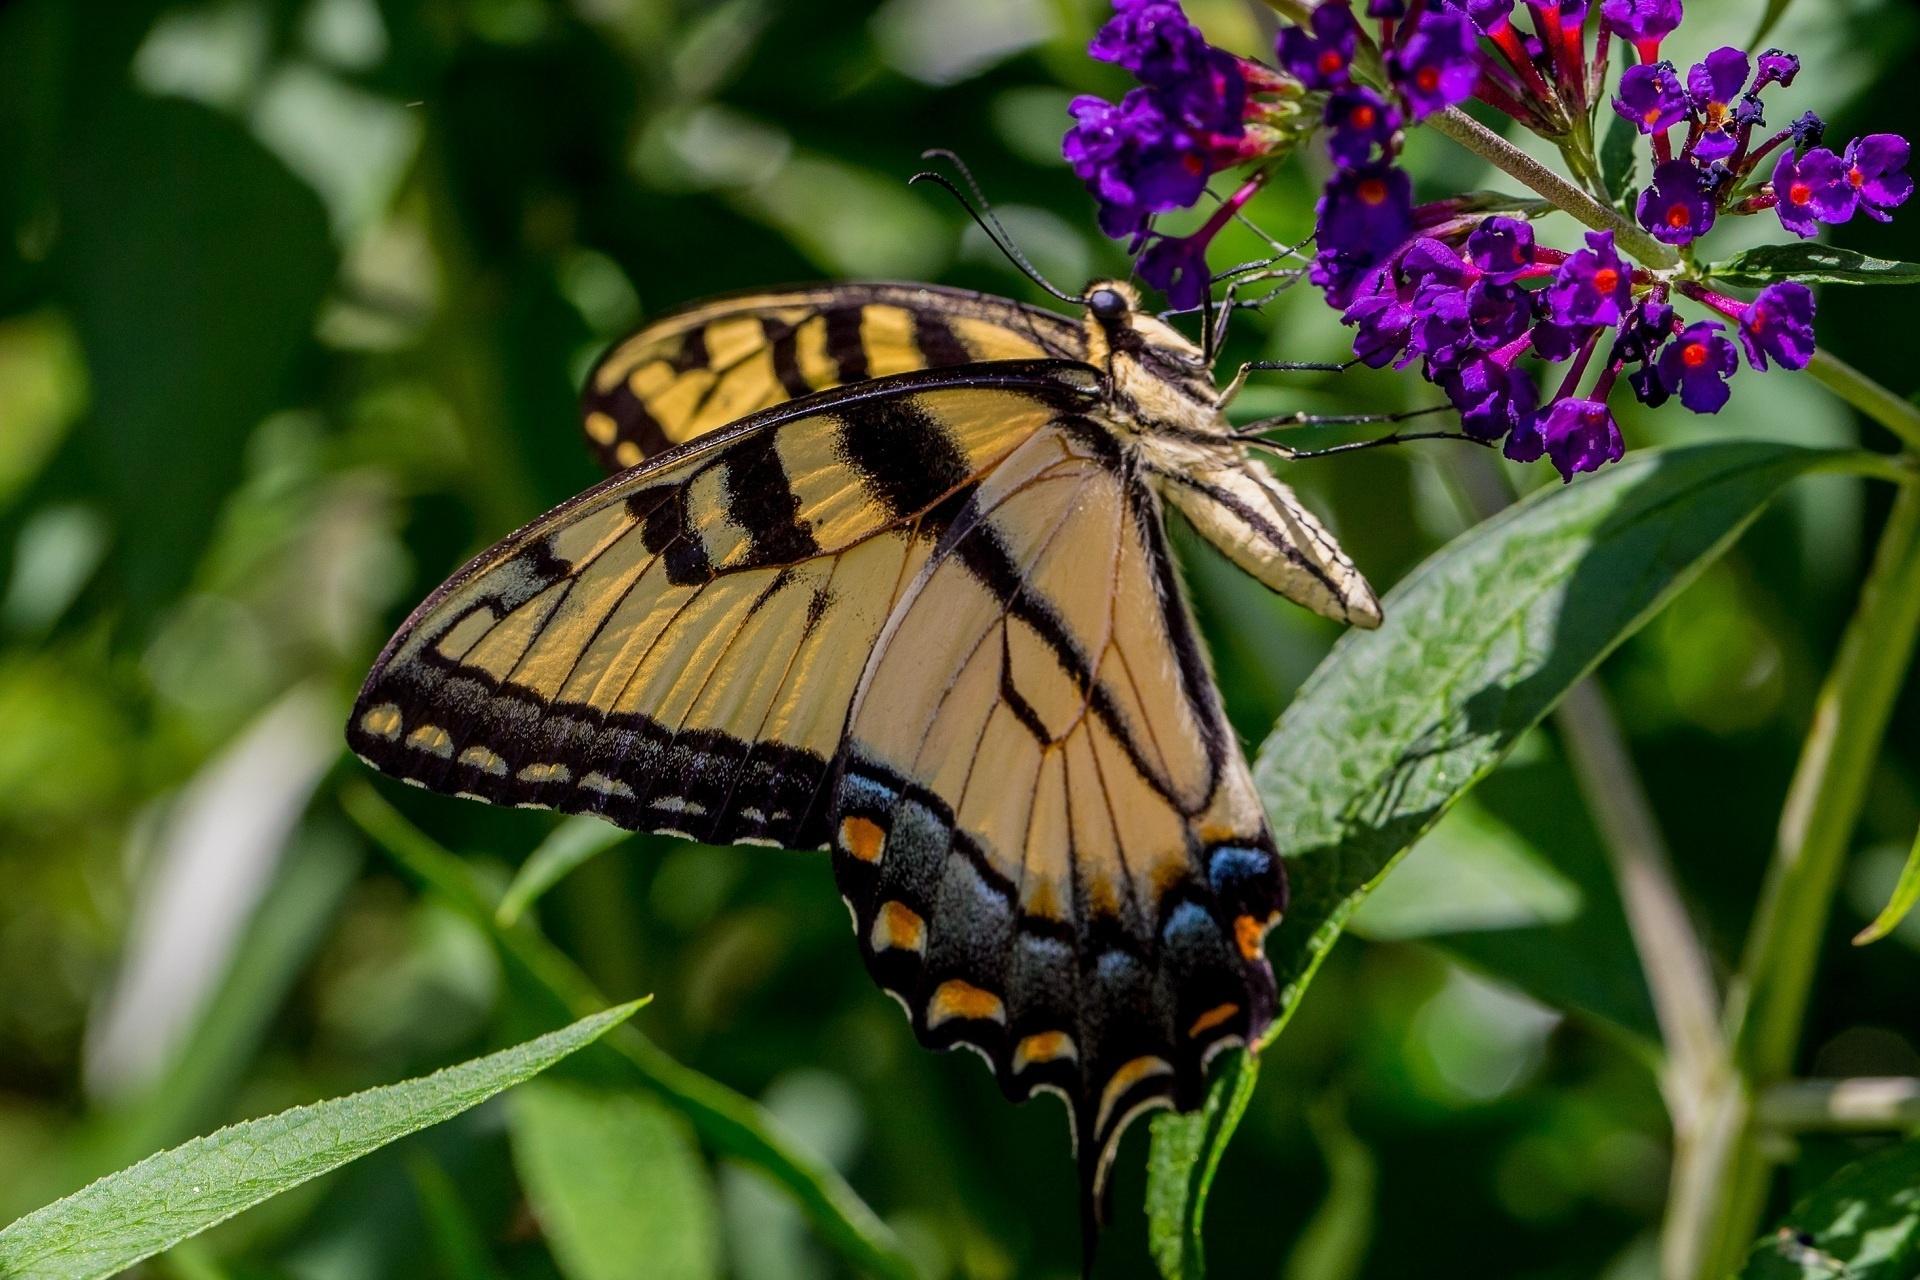 手機的131292屏保和壁紙昆虫。 免費下載 宏, 蝴蝶, 草, 昆虫, 叶, 花卉 圖片